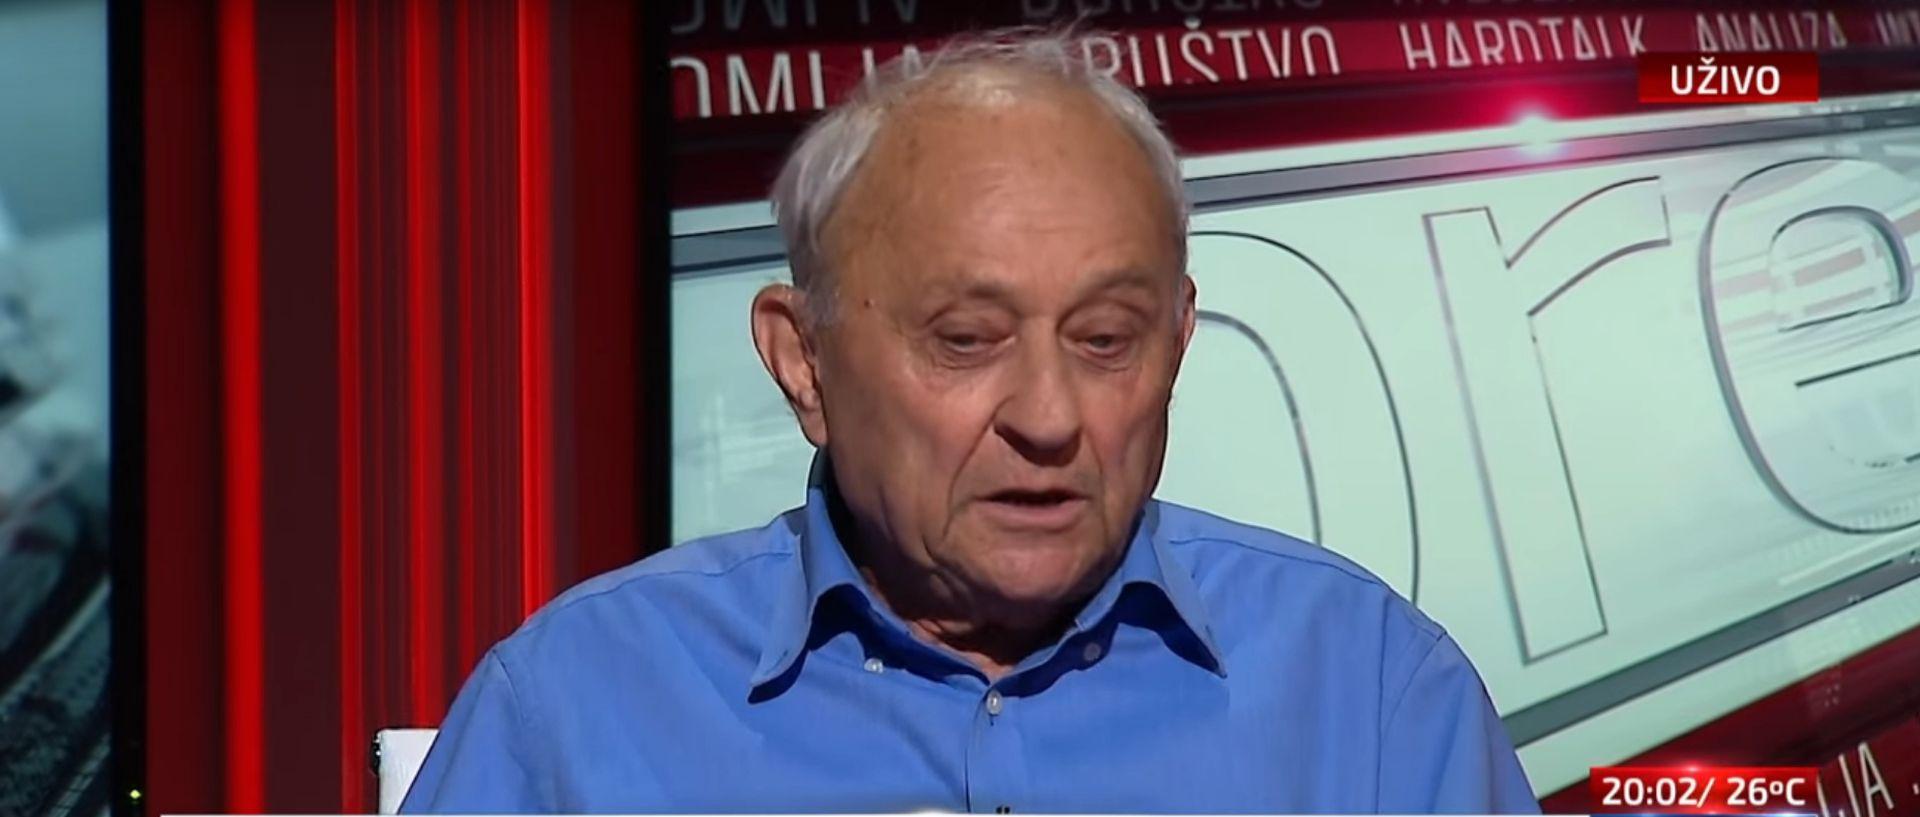 VELIKI GUBITAK ZA HRVATSKU U 90. godini preminuo Slavko Goldstein